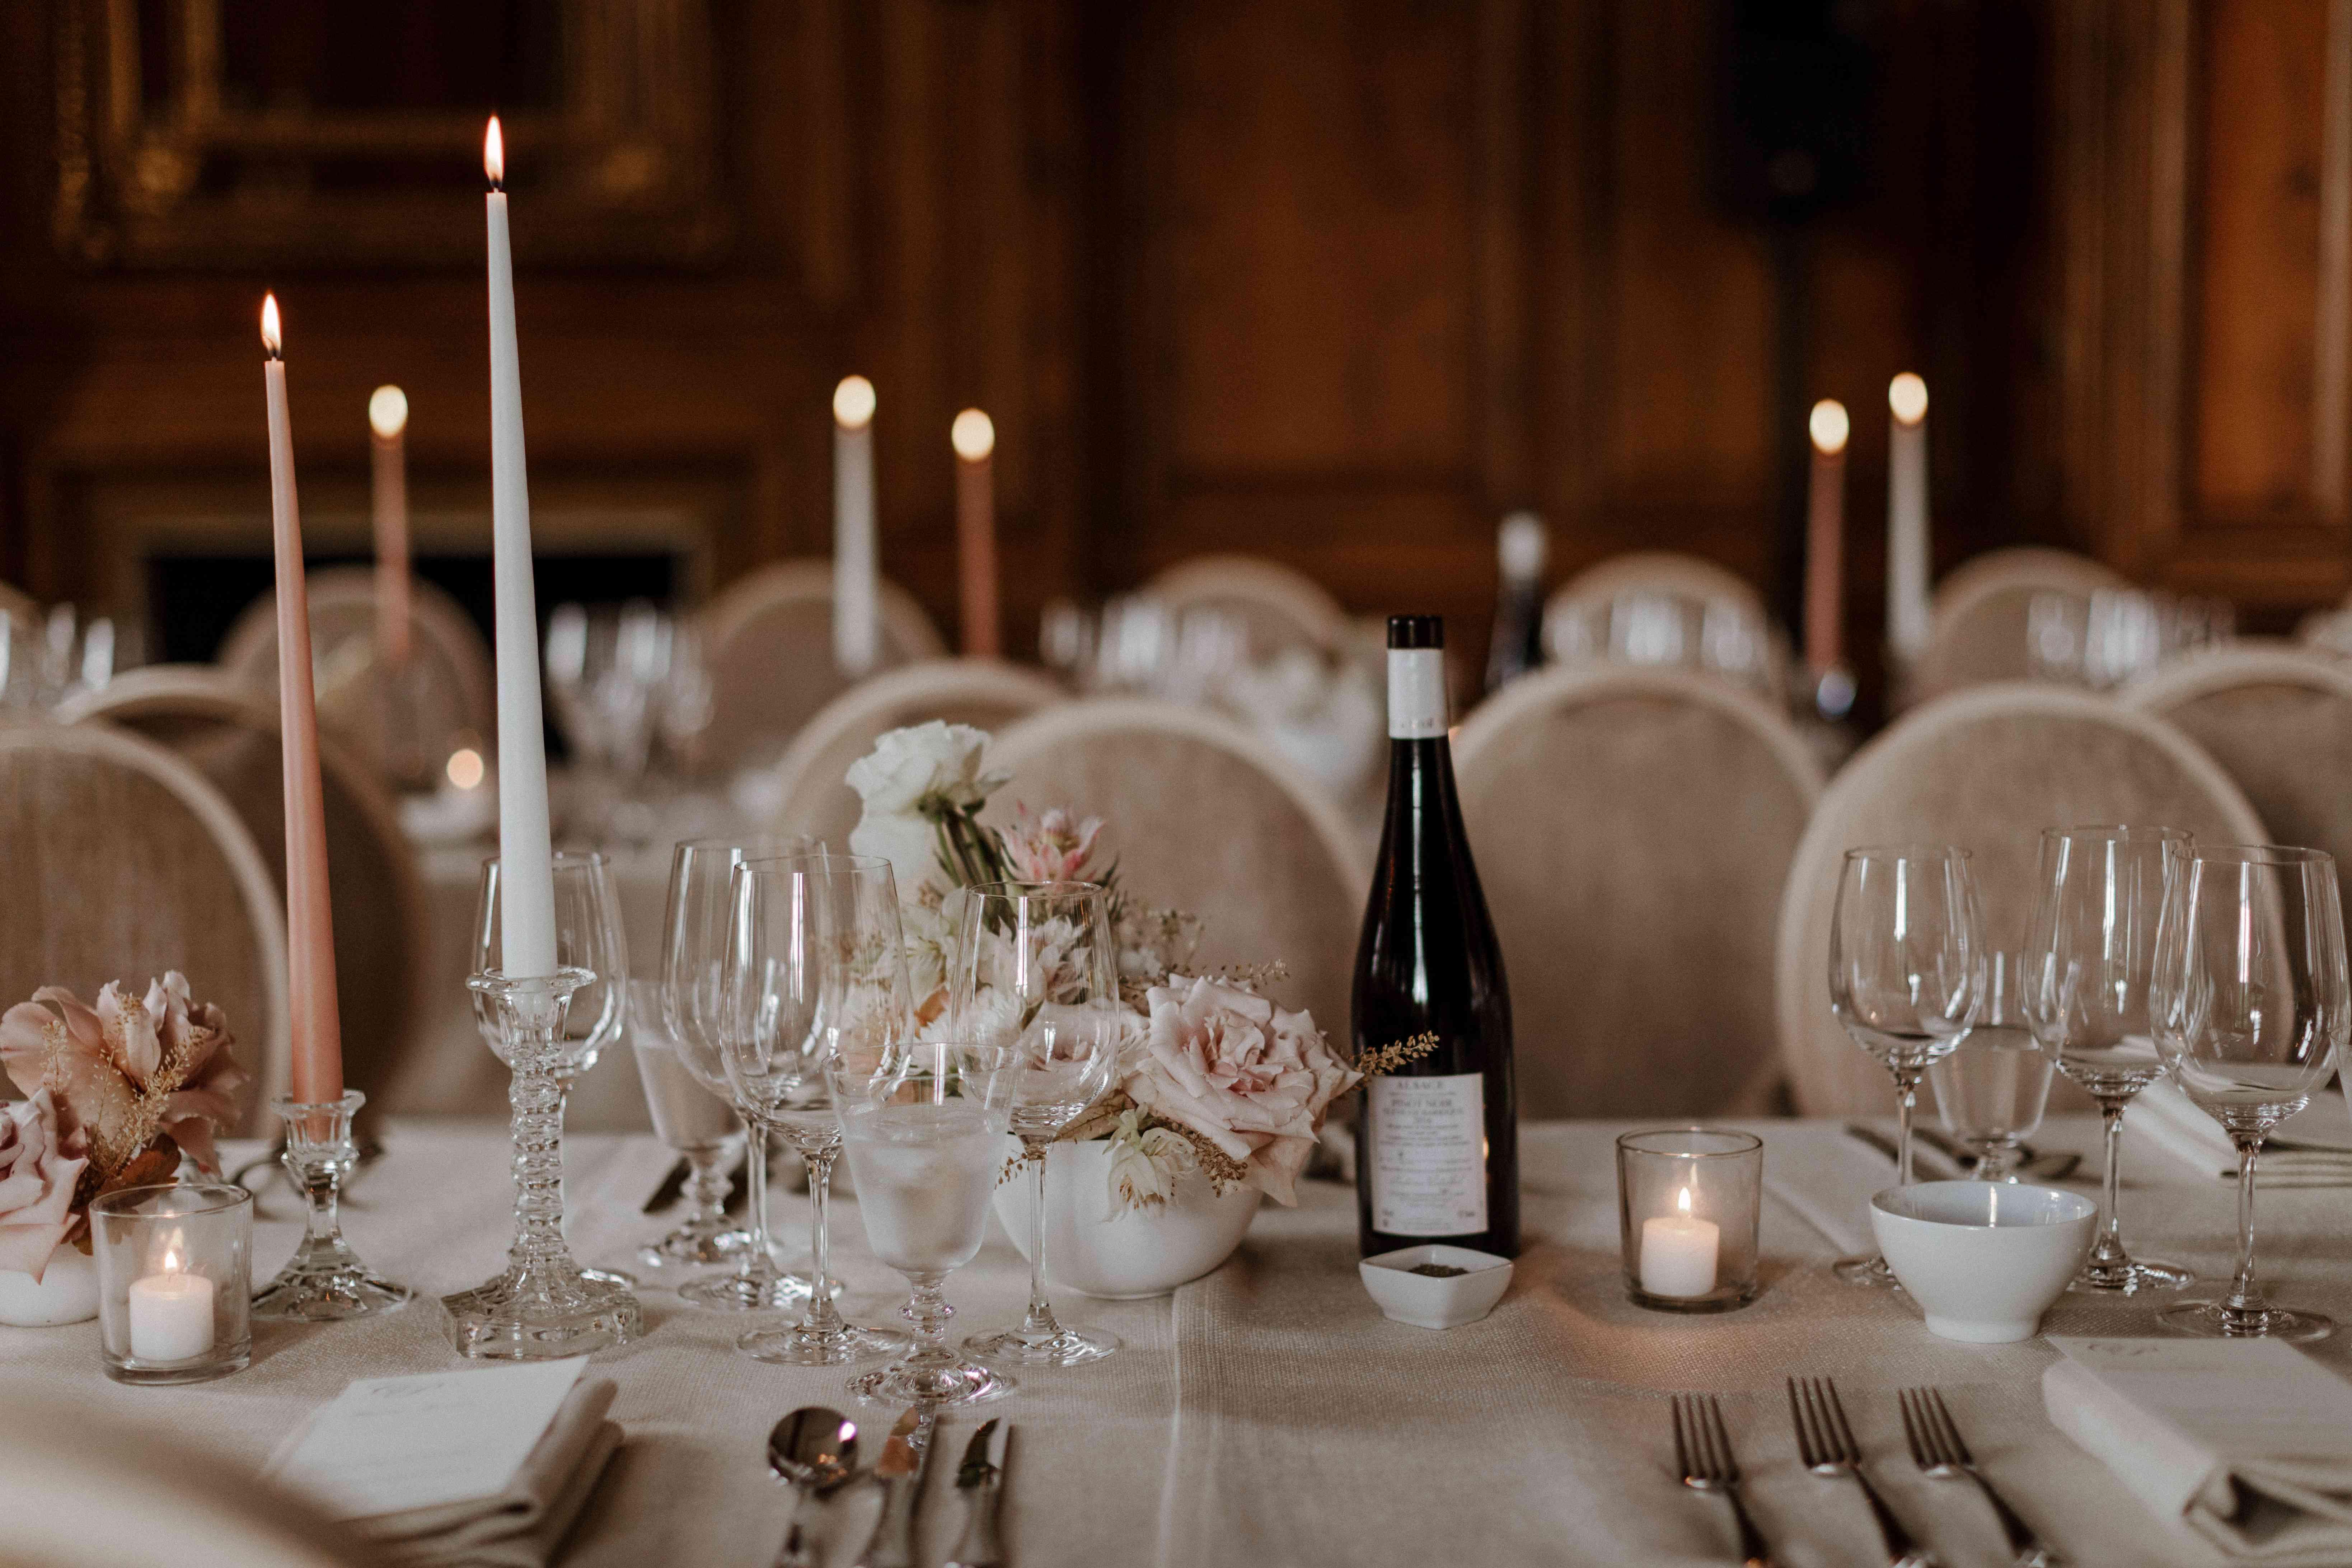 Neutral romantic tablescape